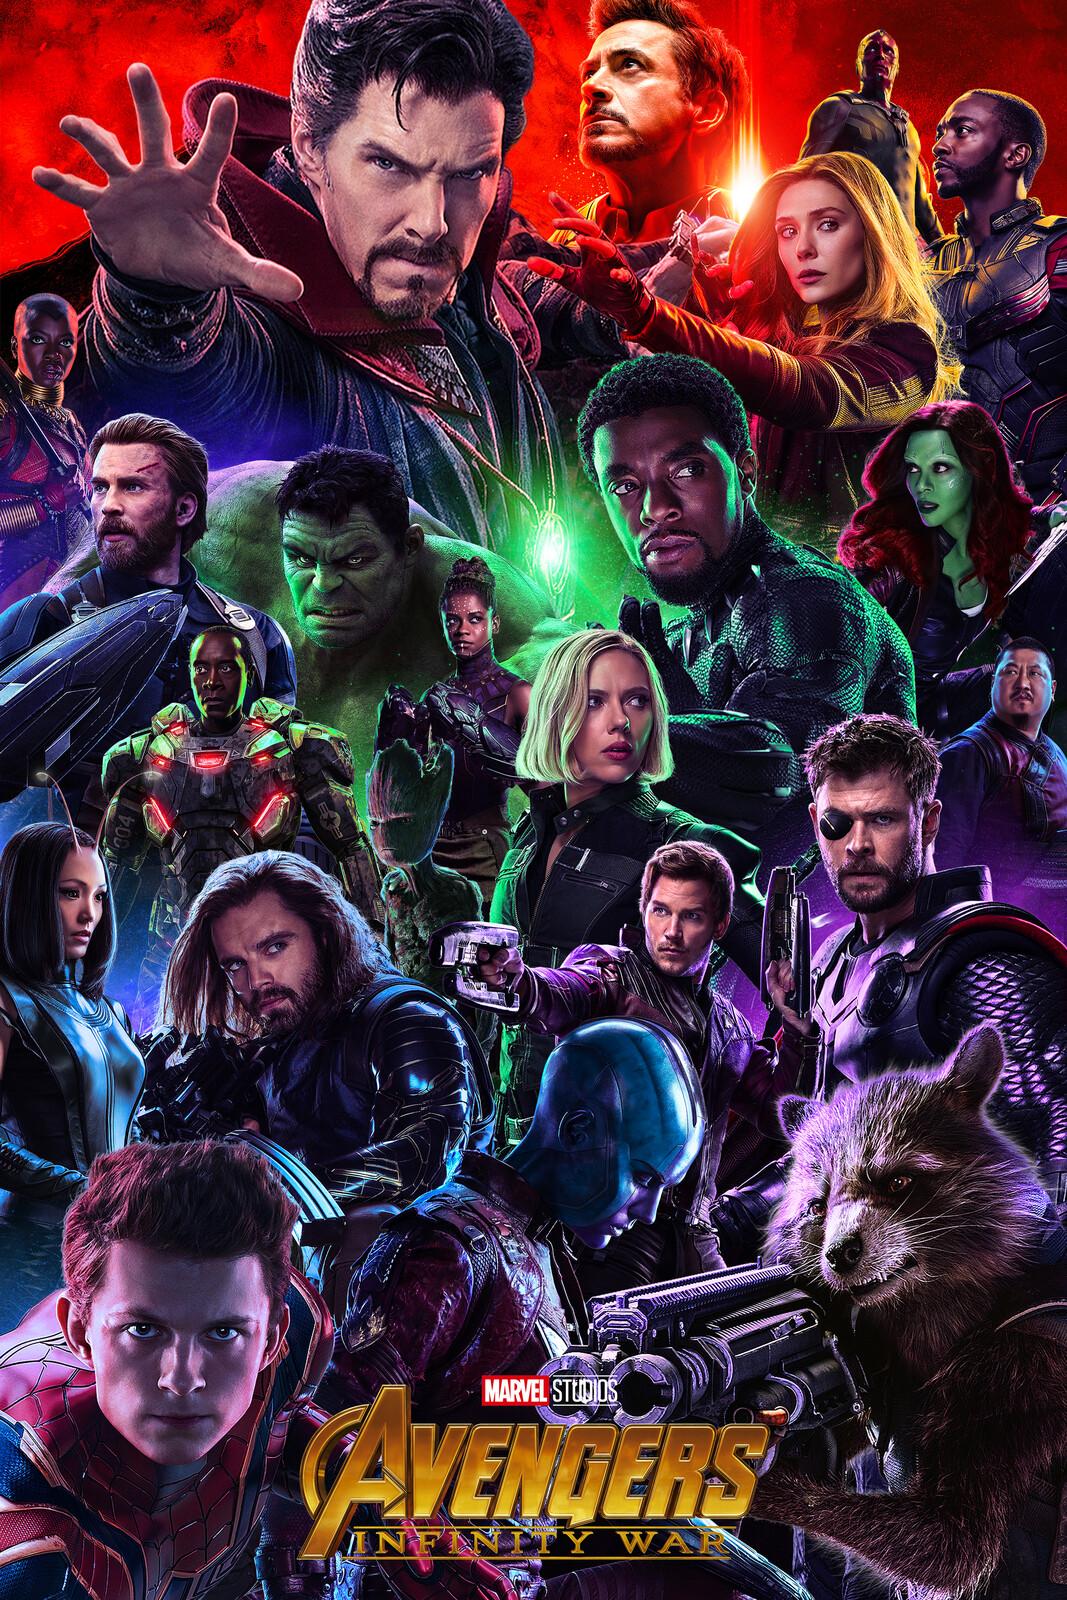 Avengers Infinity War Alternate Movie Poster